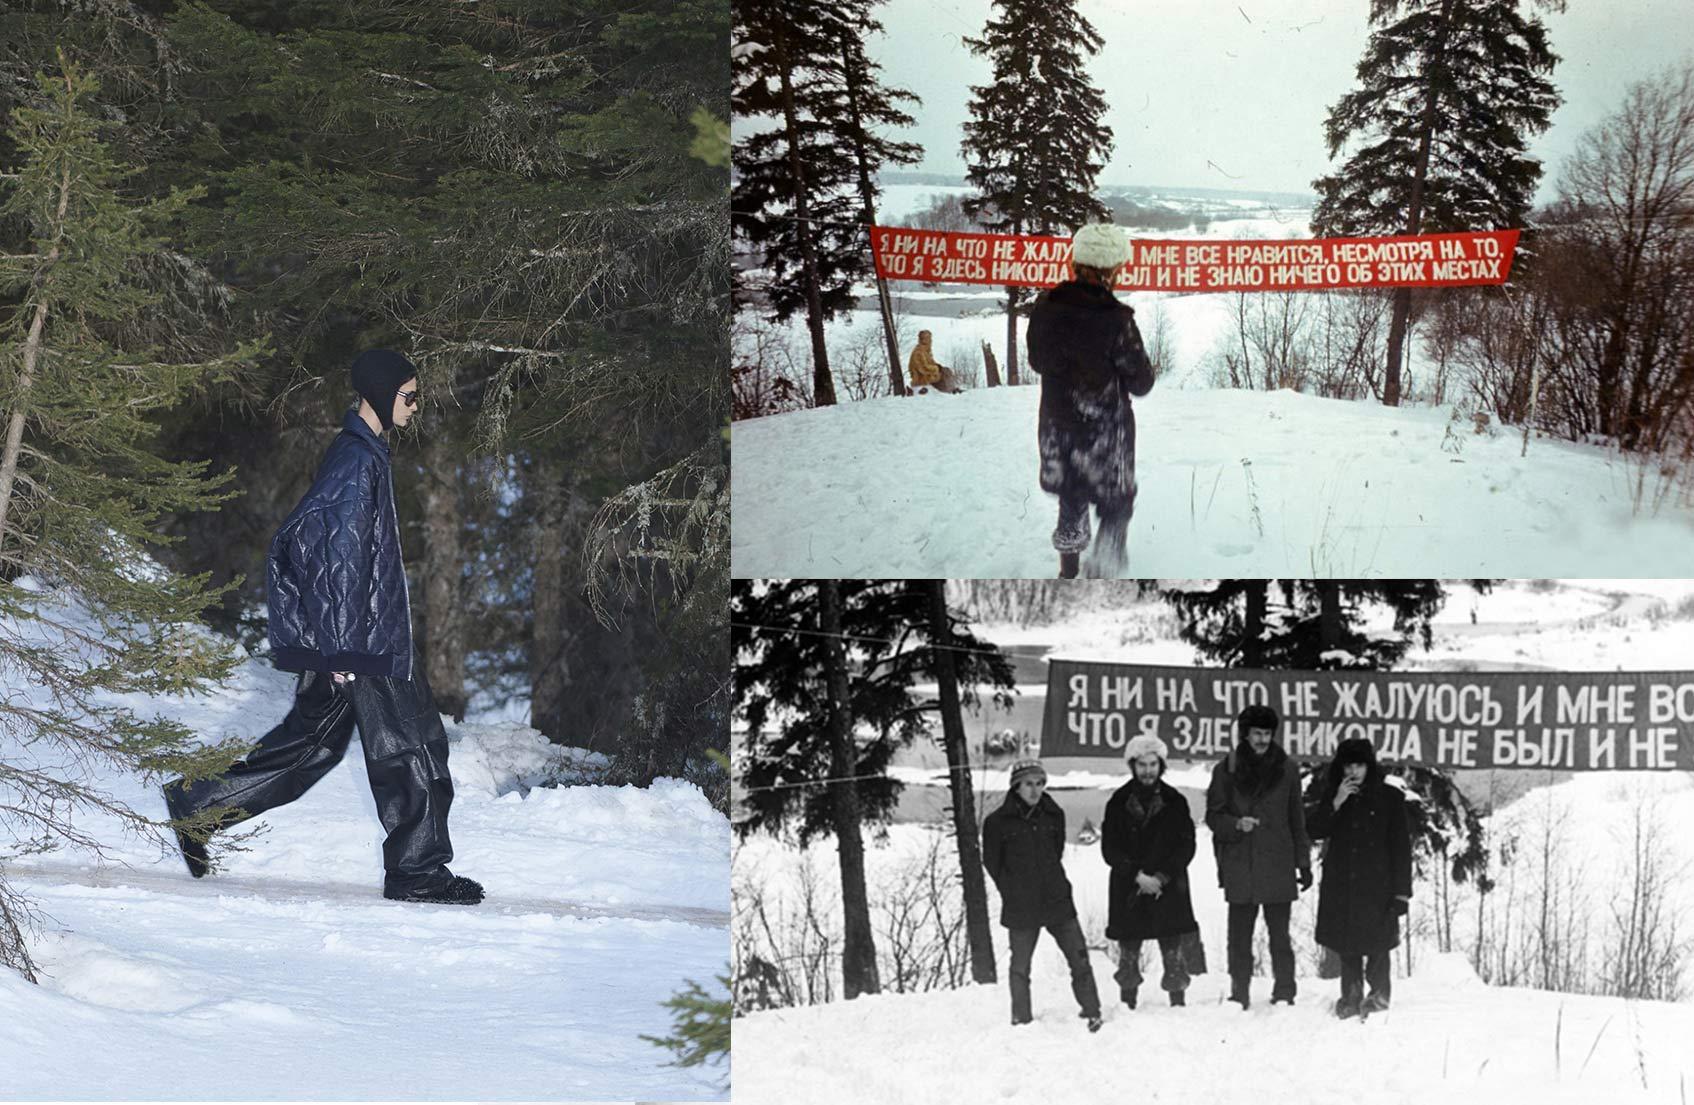 Miu Miu осень-зима 21/22; фотоотчет с акции «Лозунг» группы «Коллективные действия», 1977